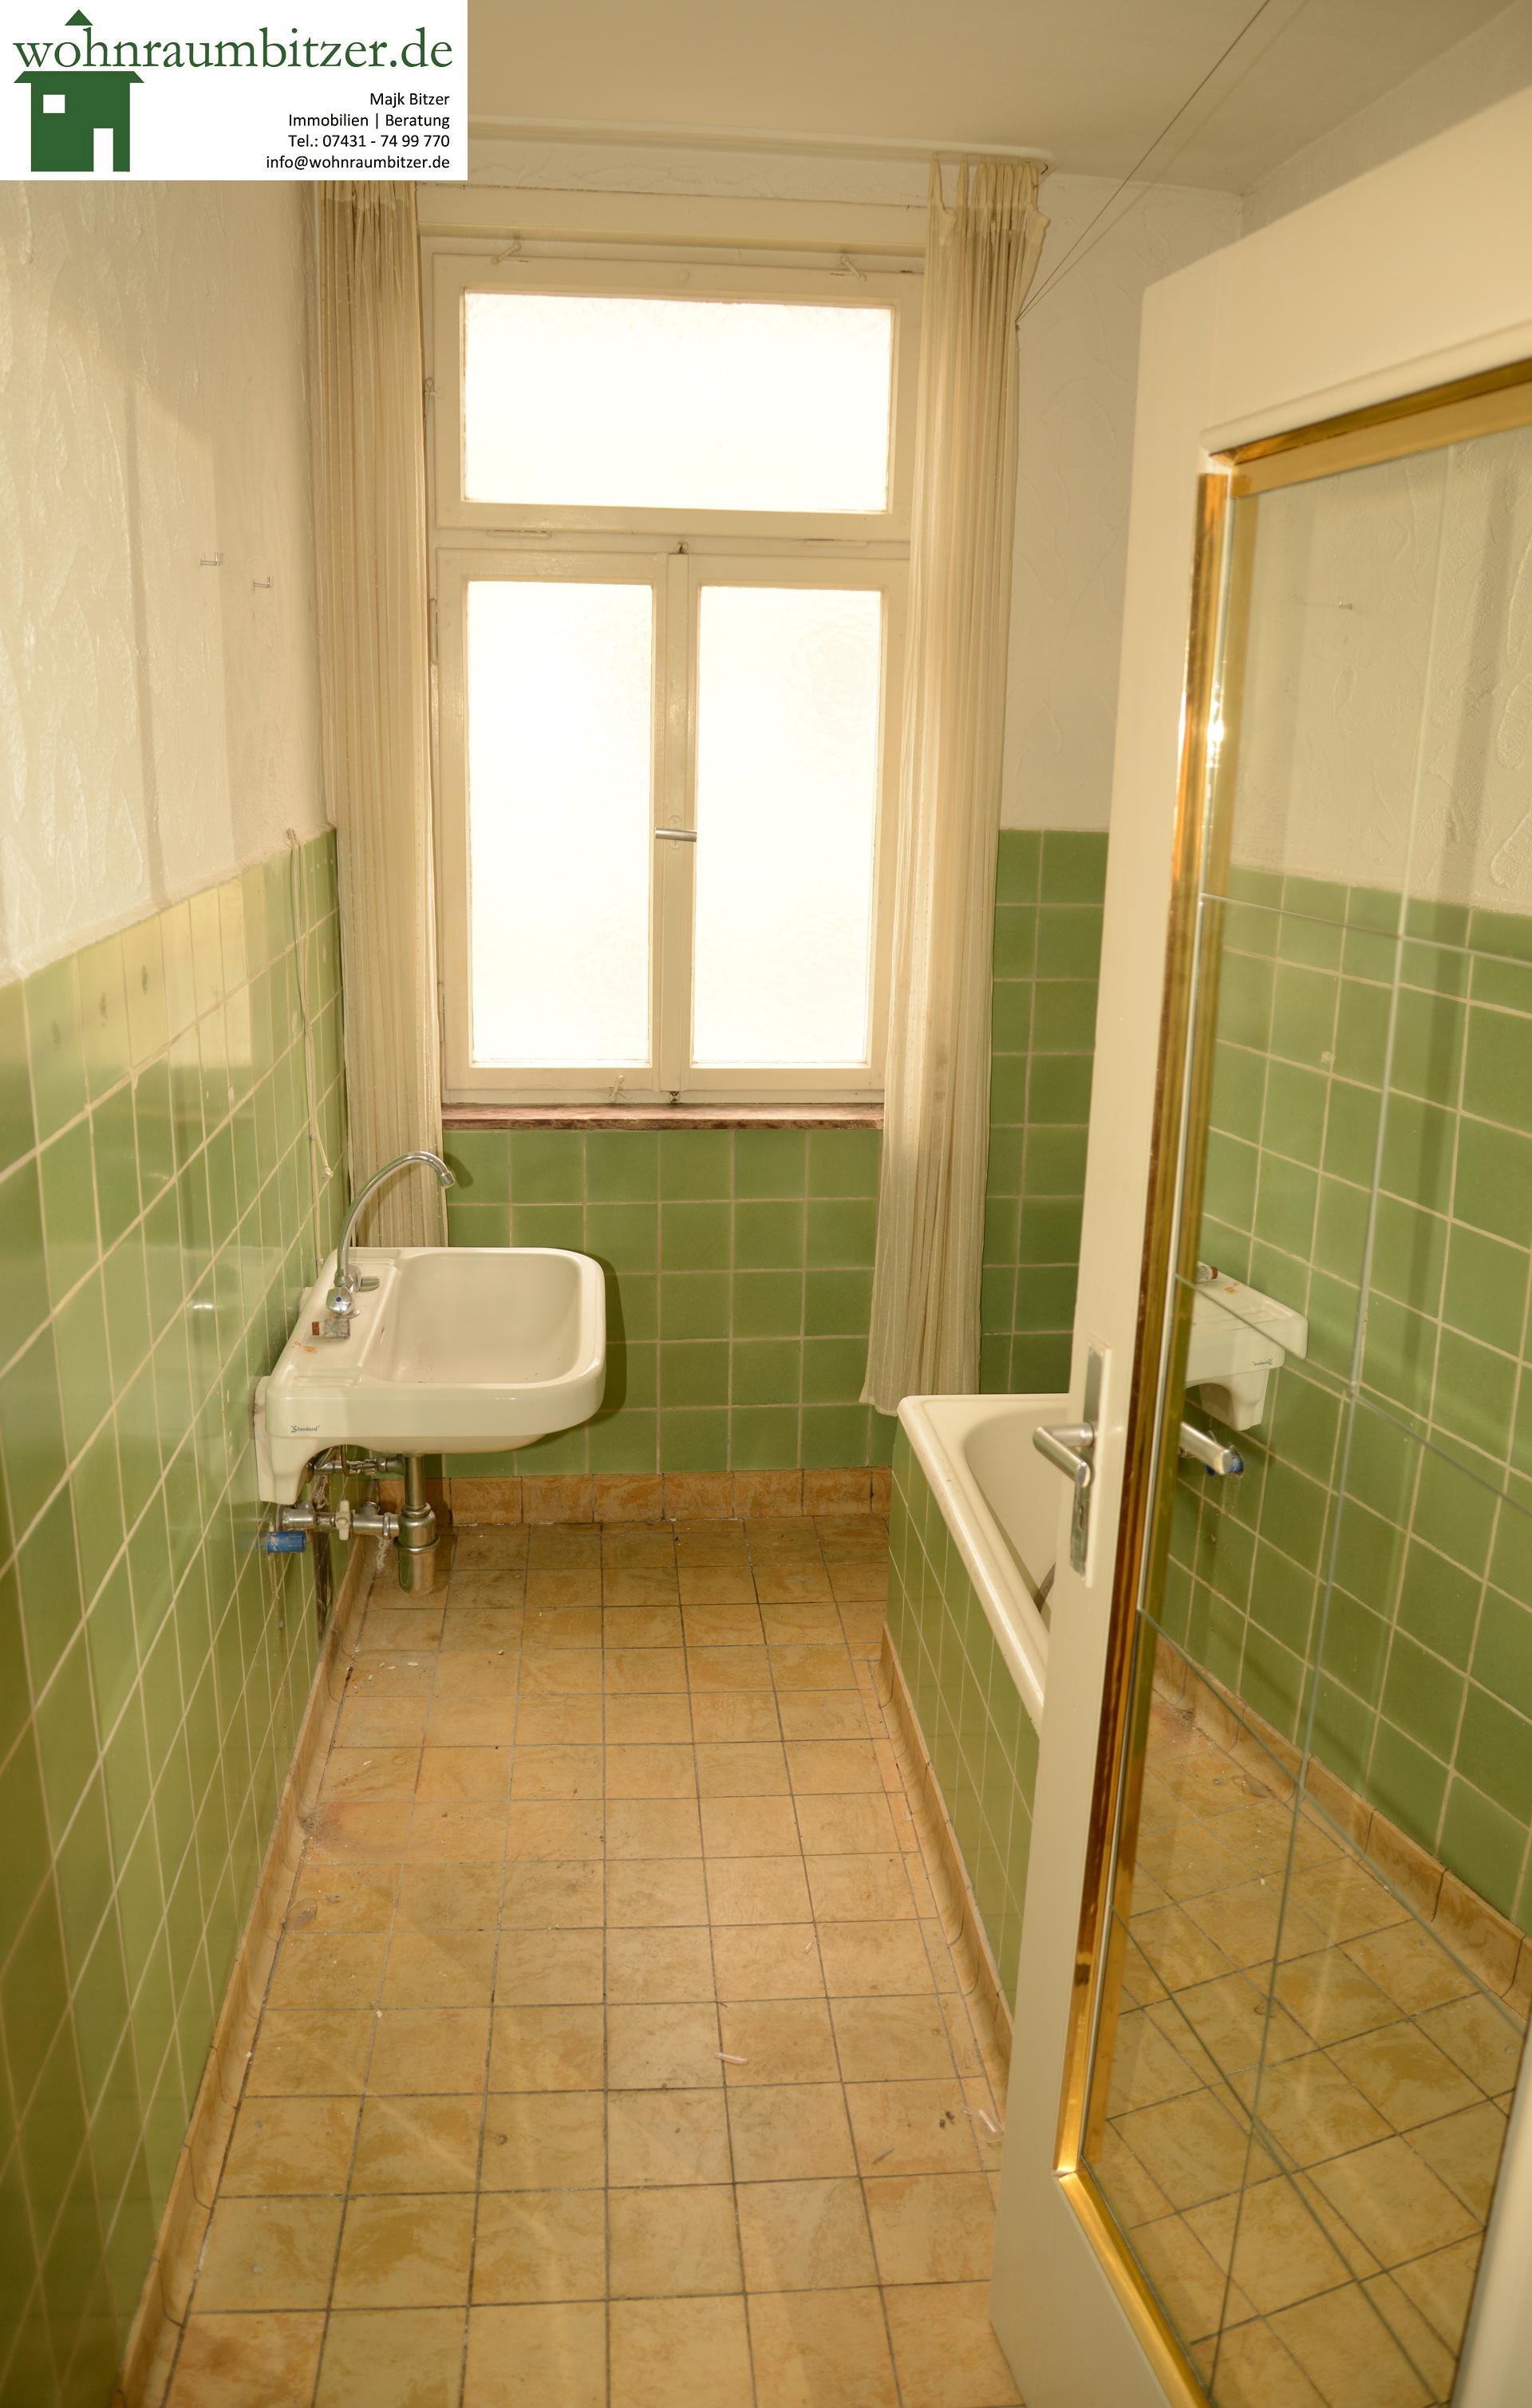 kapitalanlage 3 läden, 3 wohnungen fußgängerzone albstadt-ebingen, Badezimmer ideen